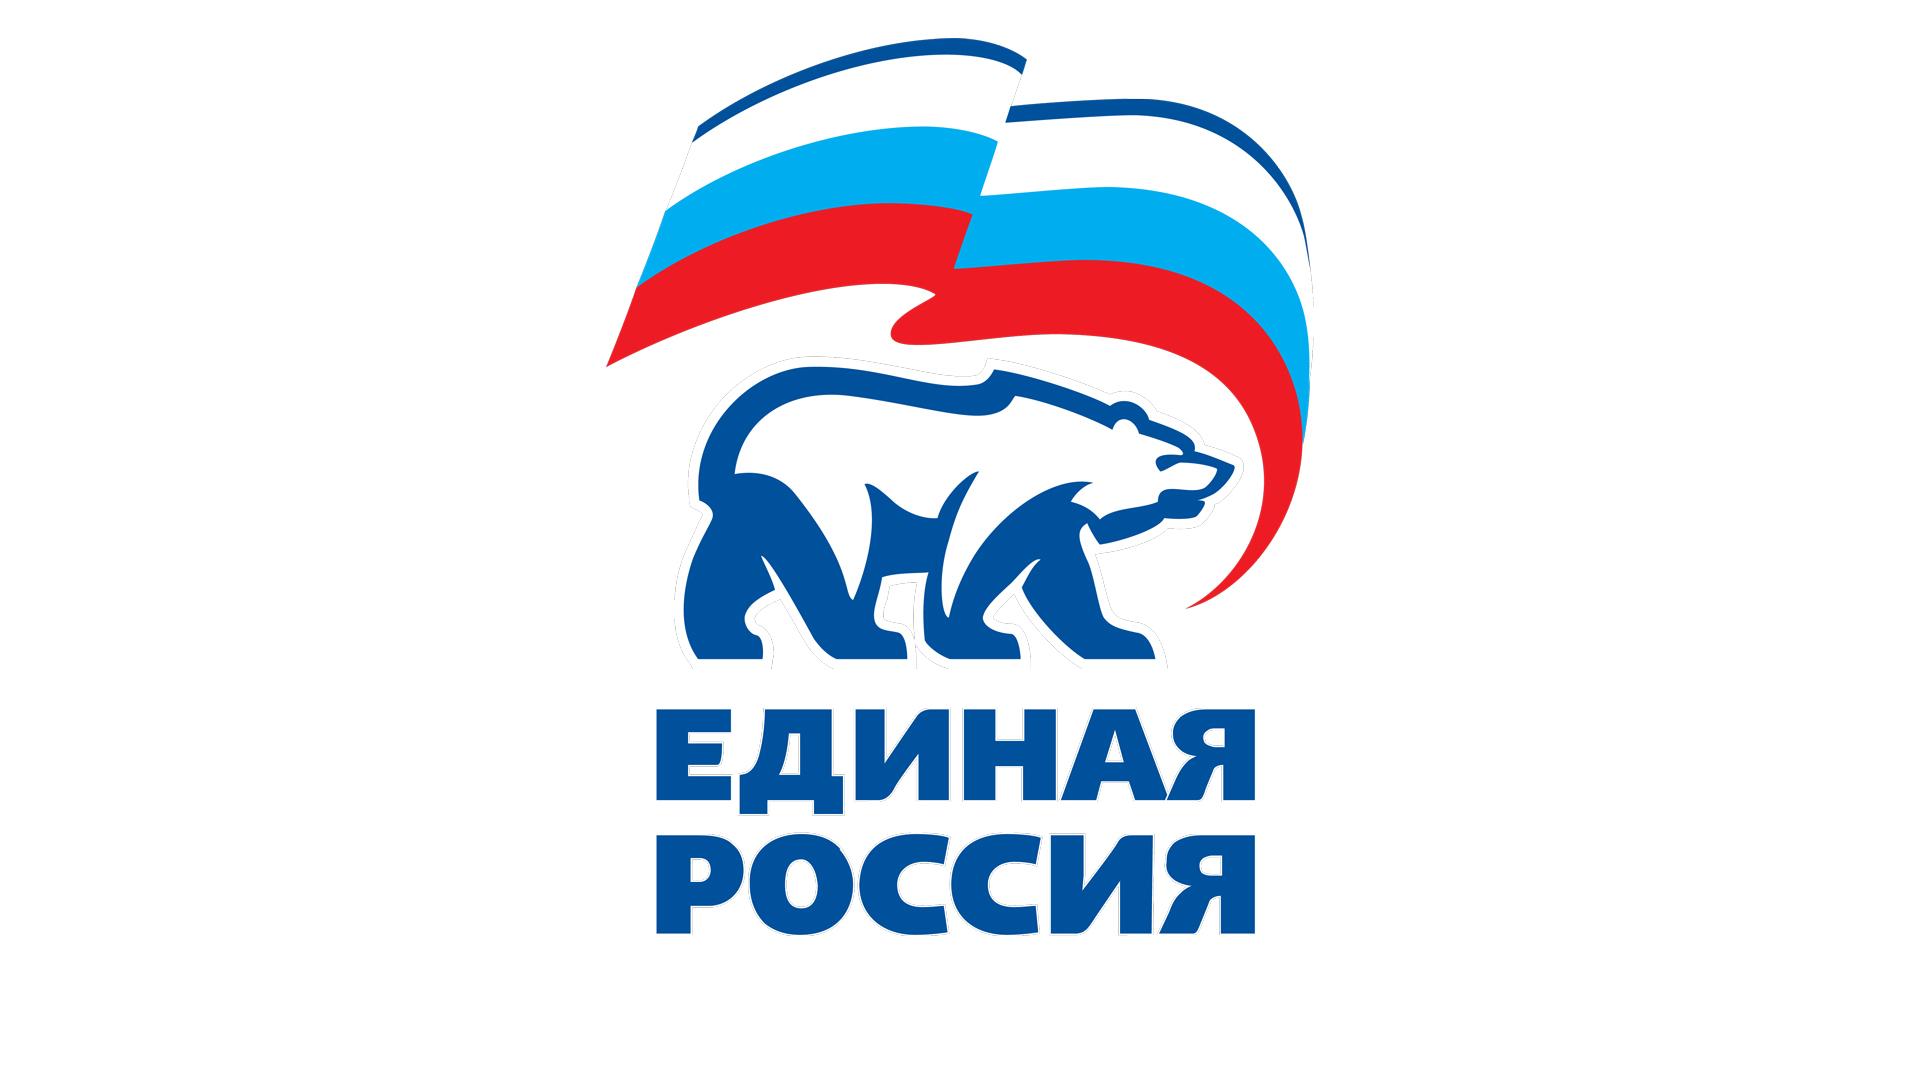 edinaya_rossiya 2